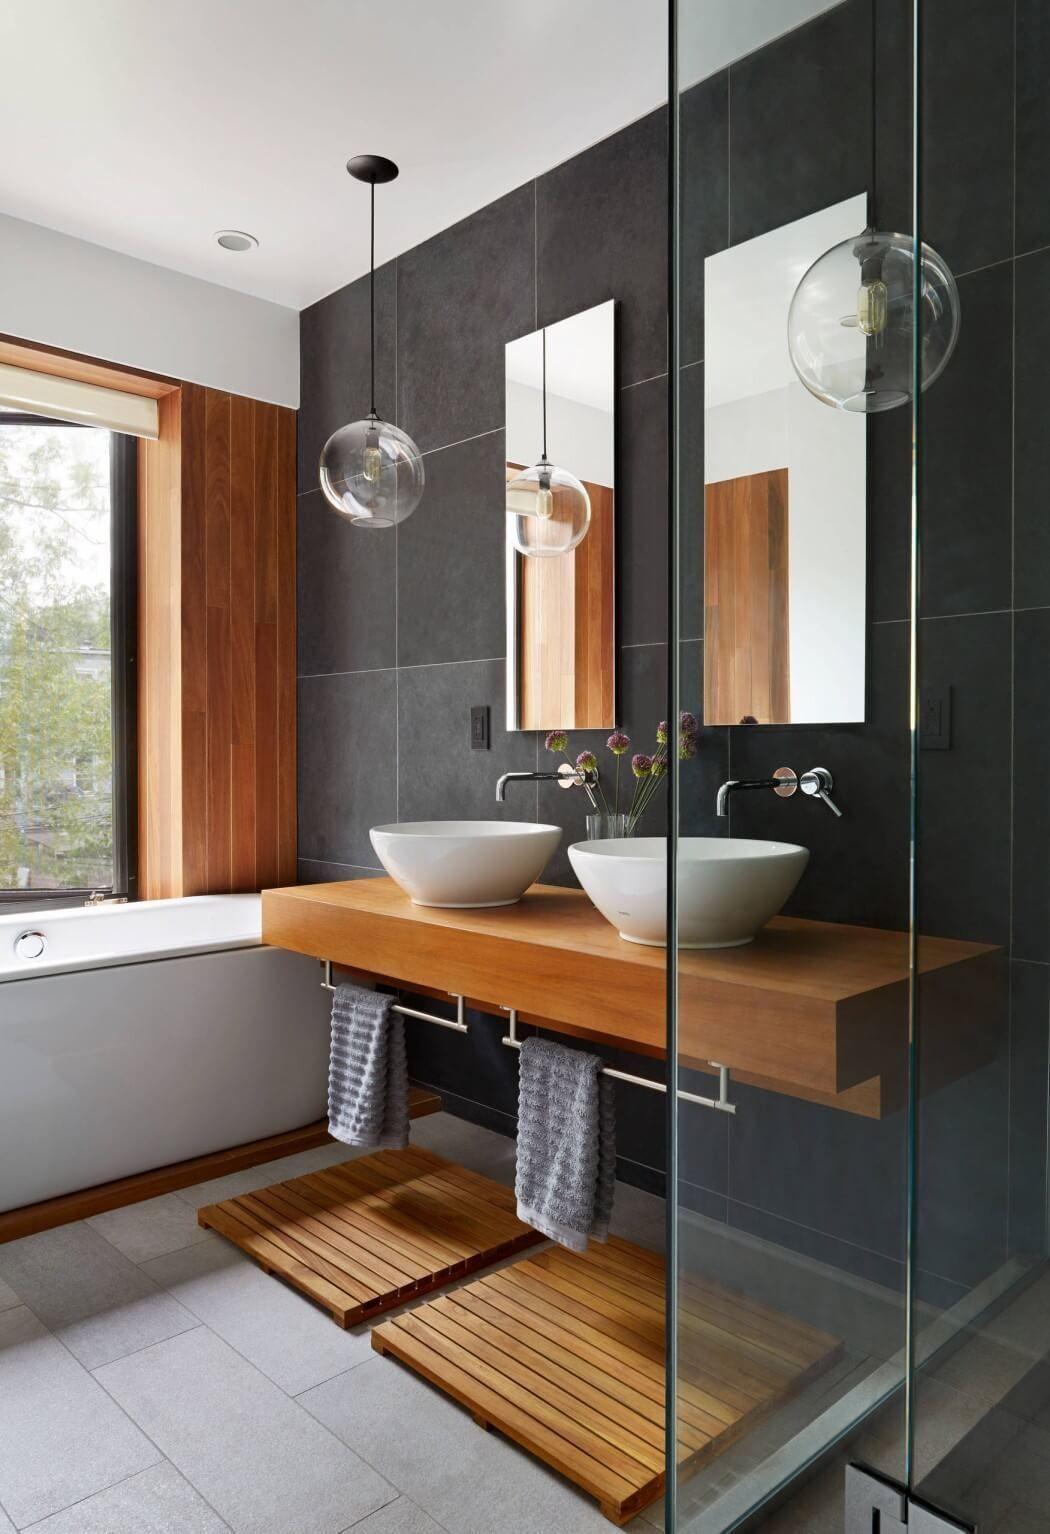 7 Badezimmer Grau Holz Badezimmer Mobel Mit Grau Keramik Ideen Und Badezimmer Anthrazit Modernes Badezimmerdesign Stil Badezimmer